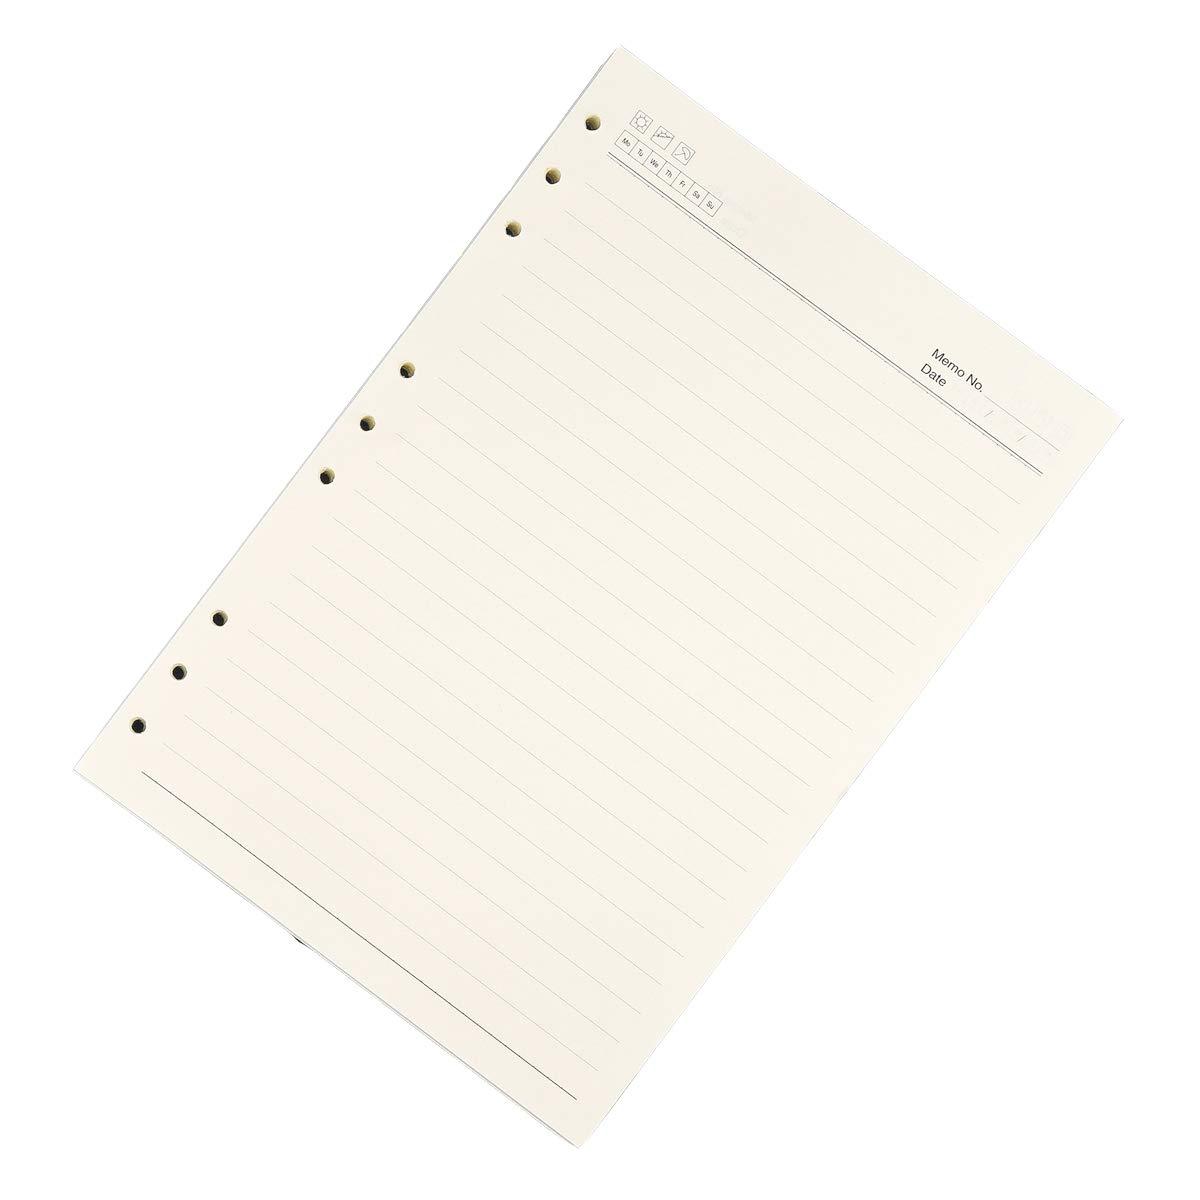 ricariche per quaderni e diari 90 fogli//180 pagine Ricarica di fogli a righe 21 x 14 cm formato A5 con 6 fori fogli a righe